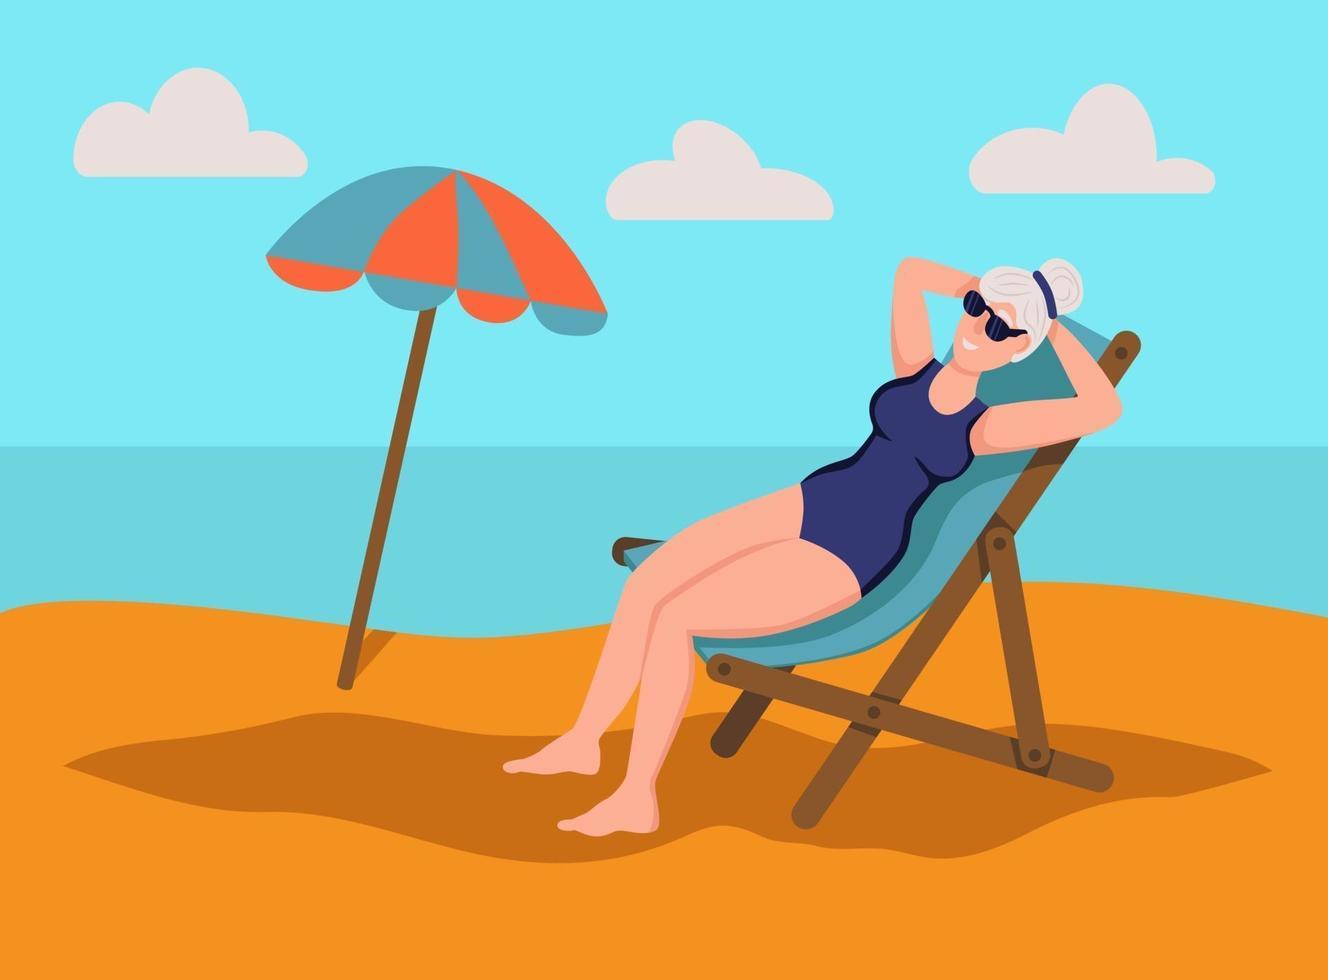 donna anziana a prendere il sole sulla spiaggia.il concetto di vecchiaia attiva. giorno degli anziani. illustrazione vettoriale di cartone animato piatto.